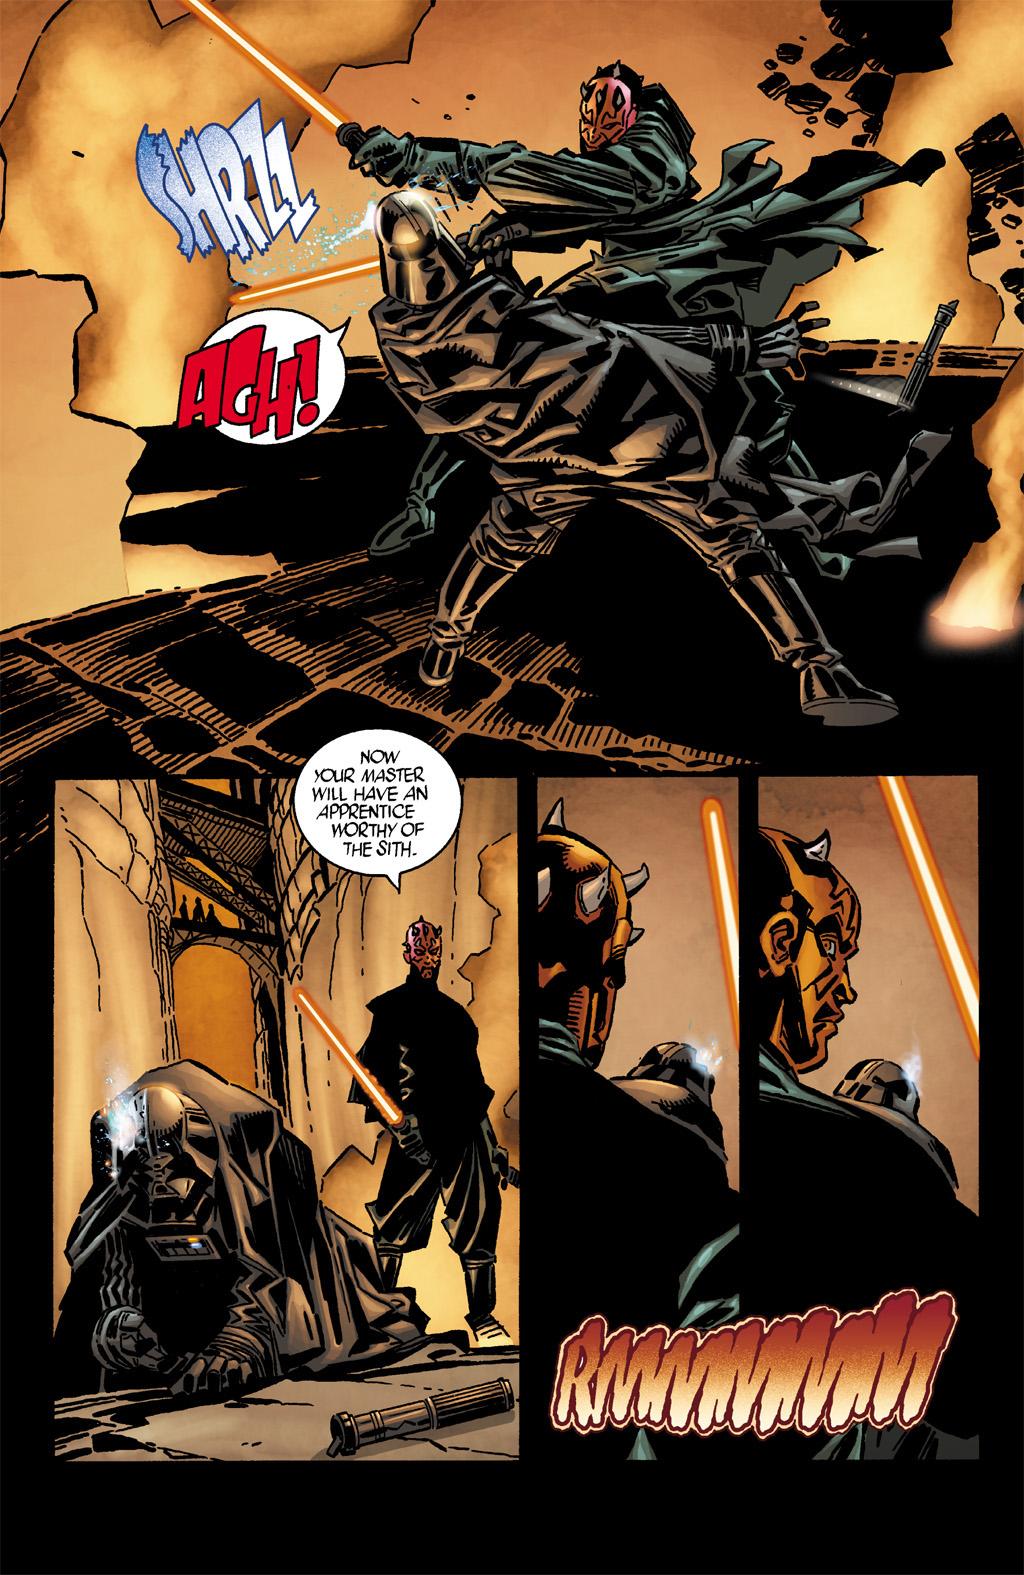 Darth Vader (RotJ) and Luke Skywalker (RotJ) vs B-Team - Page 5 Cmg141q8jibXO6f-oJdpf9EfC2fLeaAzBIkAbQTk6Adlu8uTtmswnl-NBqlIB-kr2u51kxK2R_6W=s1600